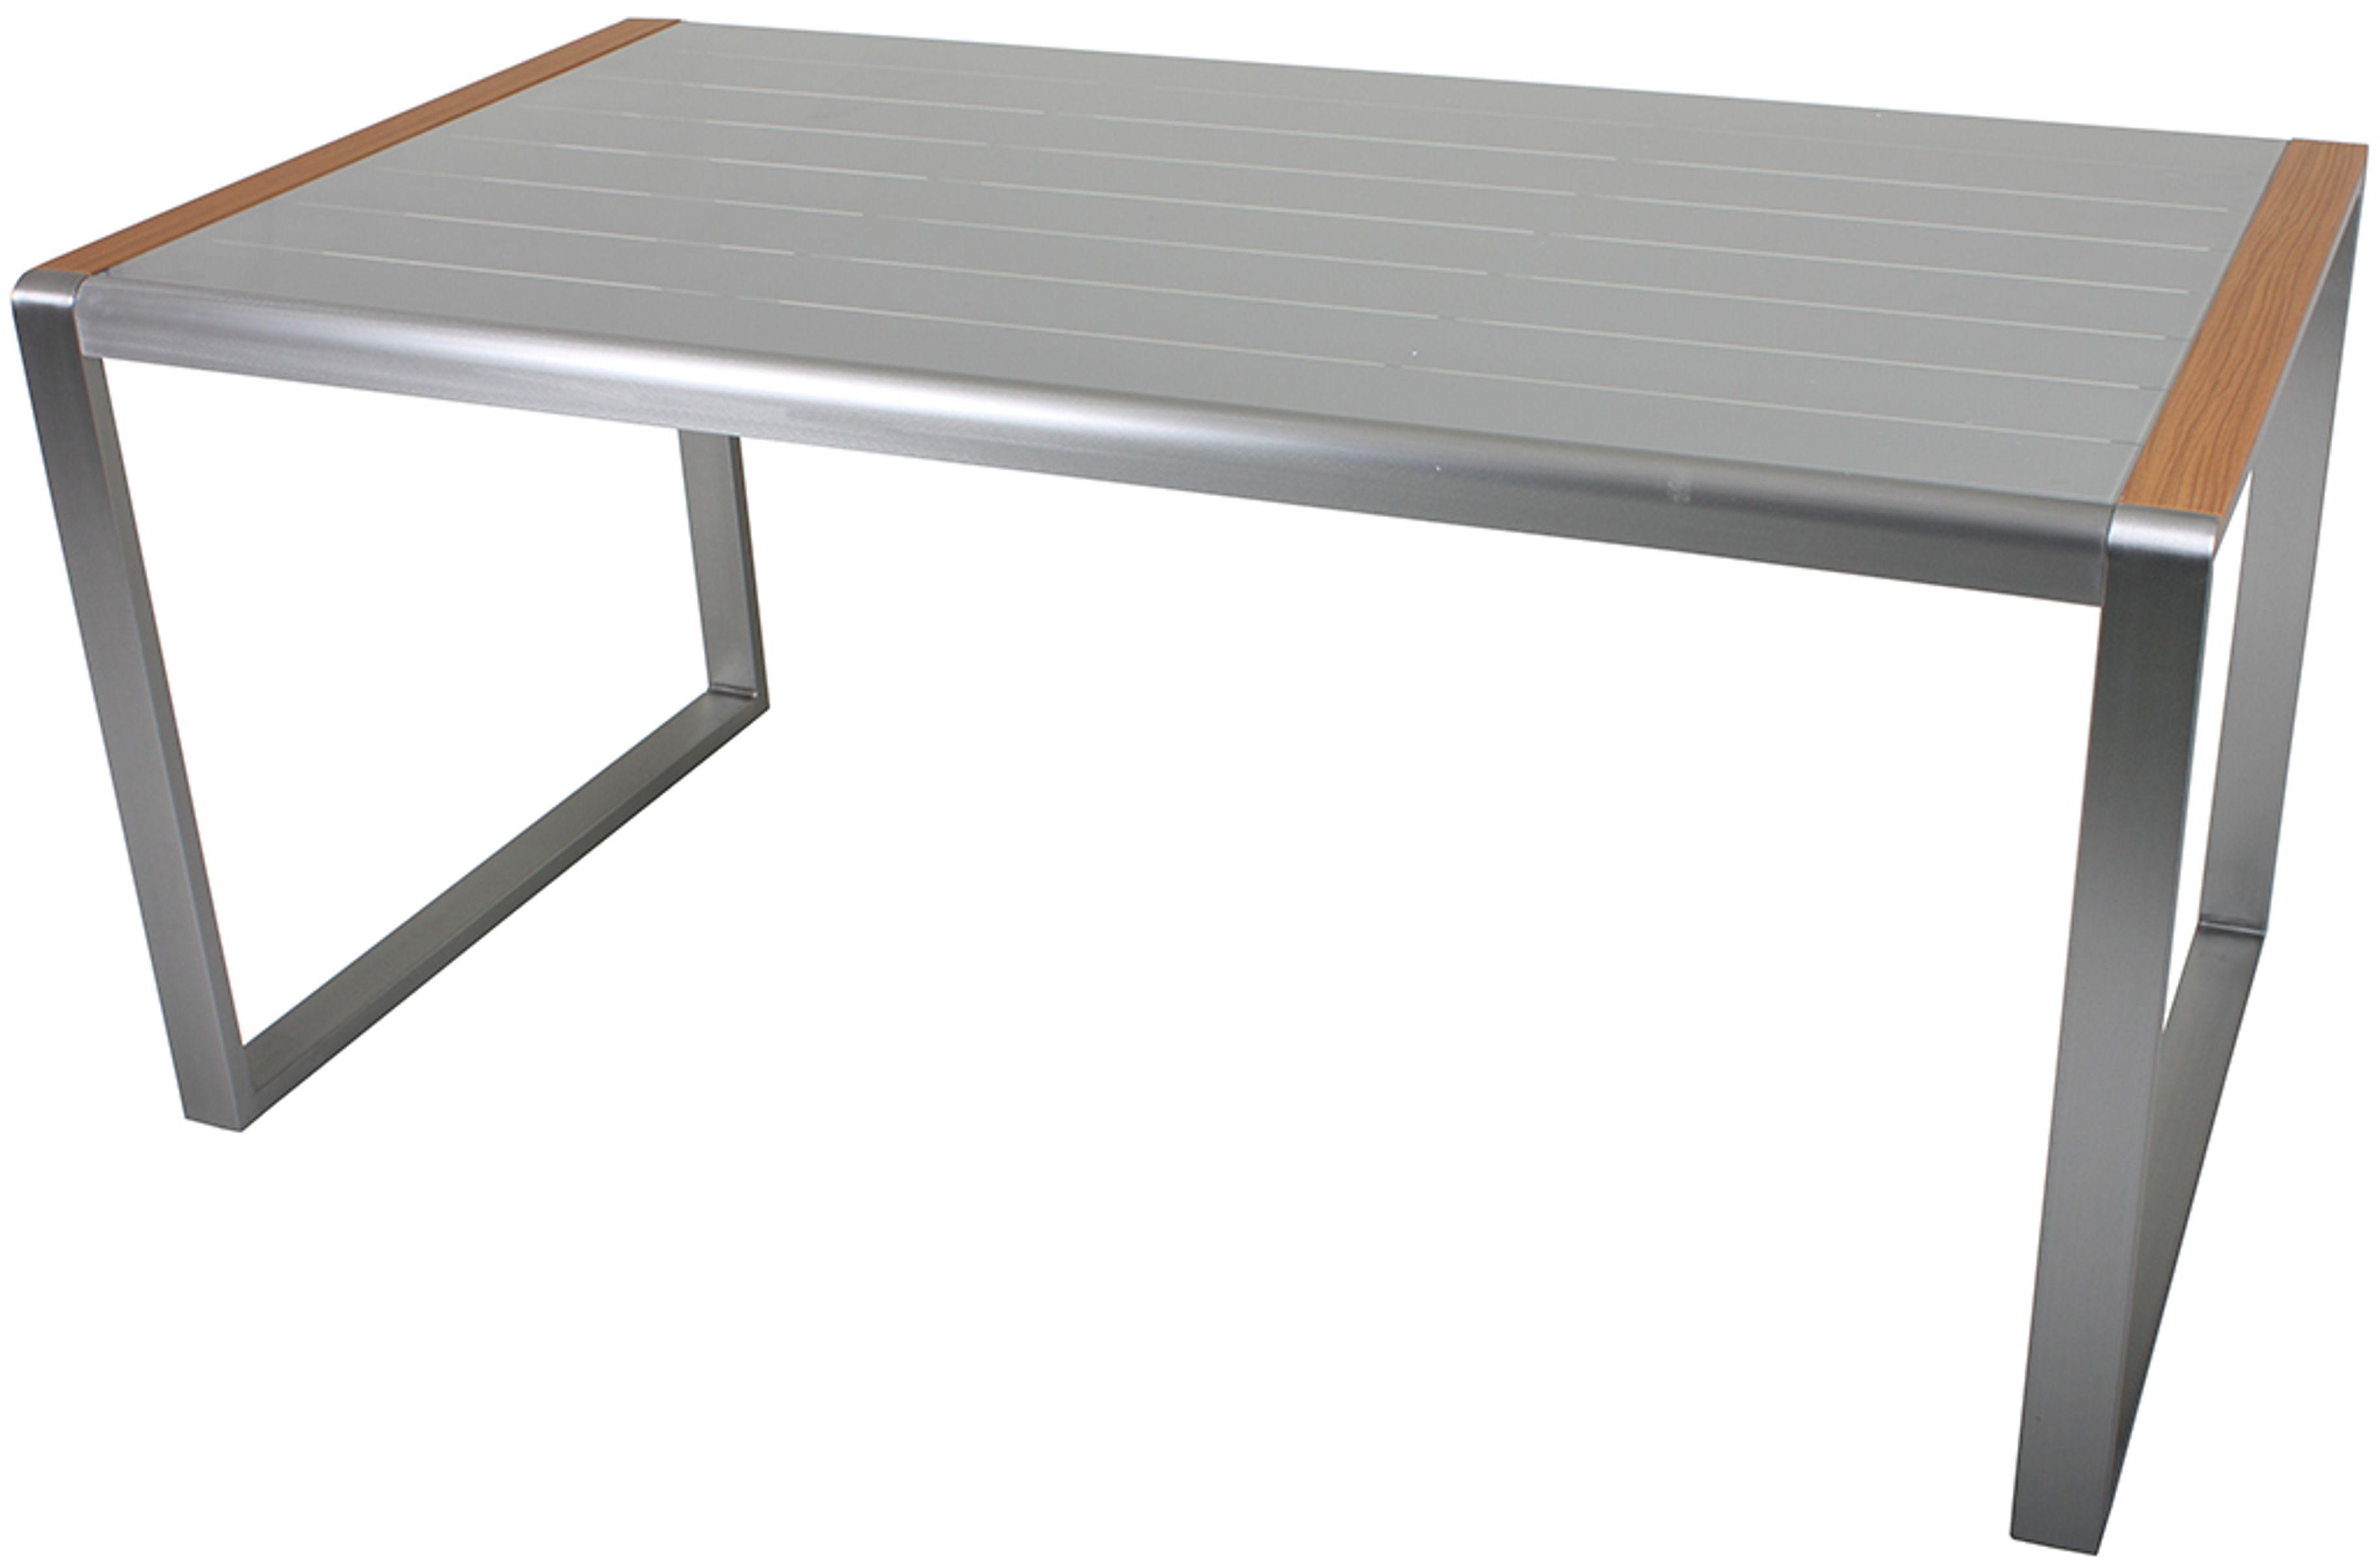 5 Teilige Gruppe Esstisch Tisch Stuhl Sitzgruppe Sitzecke